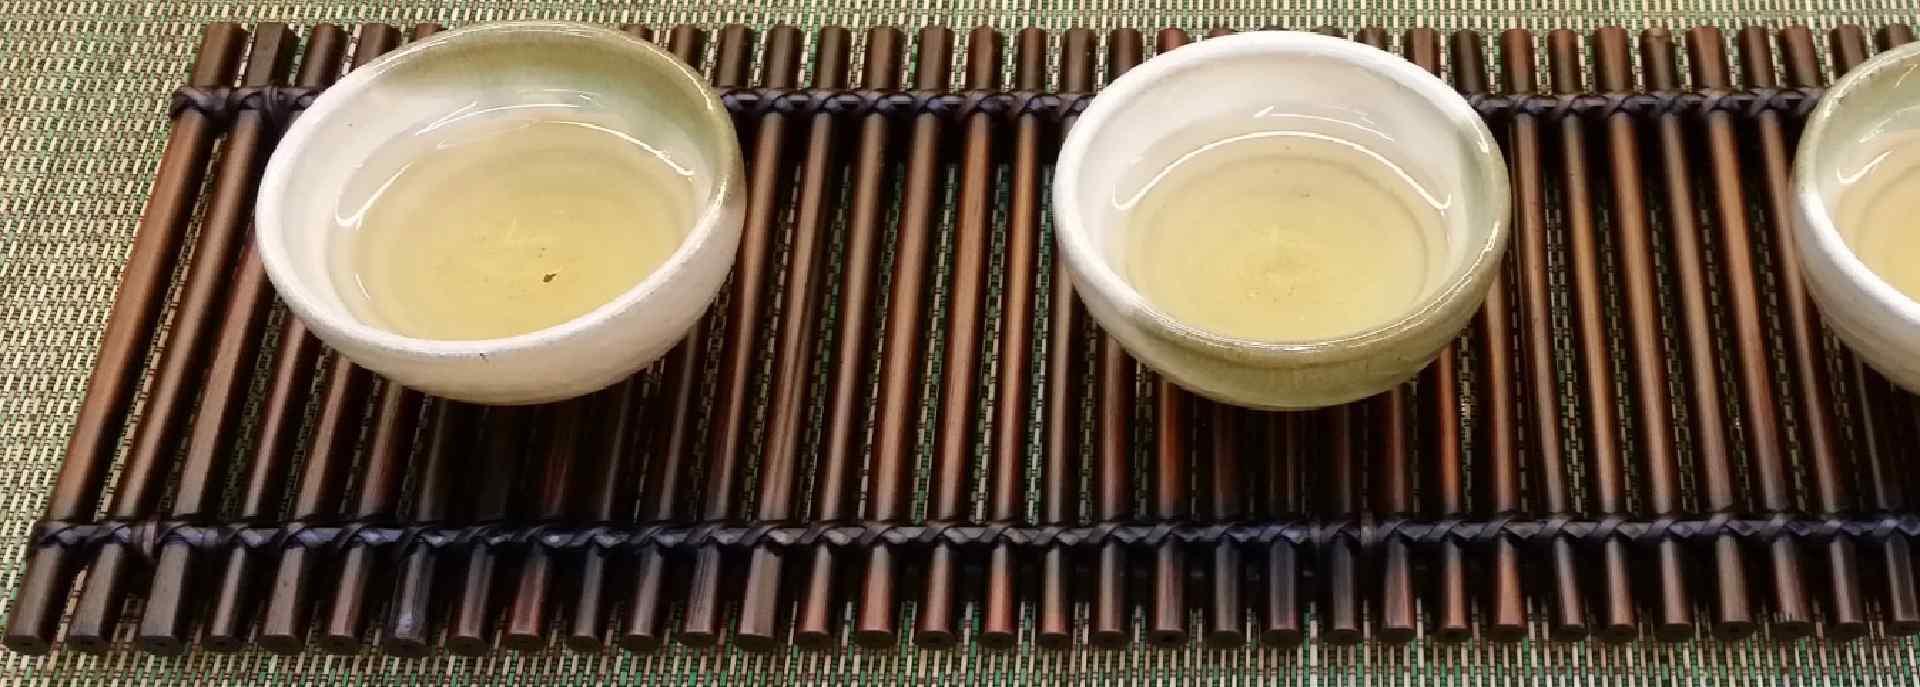 外国茶文化_外国茶类简介_美味茶点_特色茶具壁纸